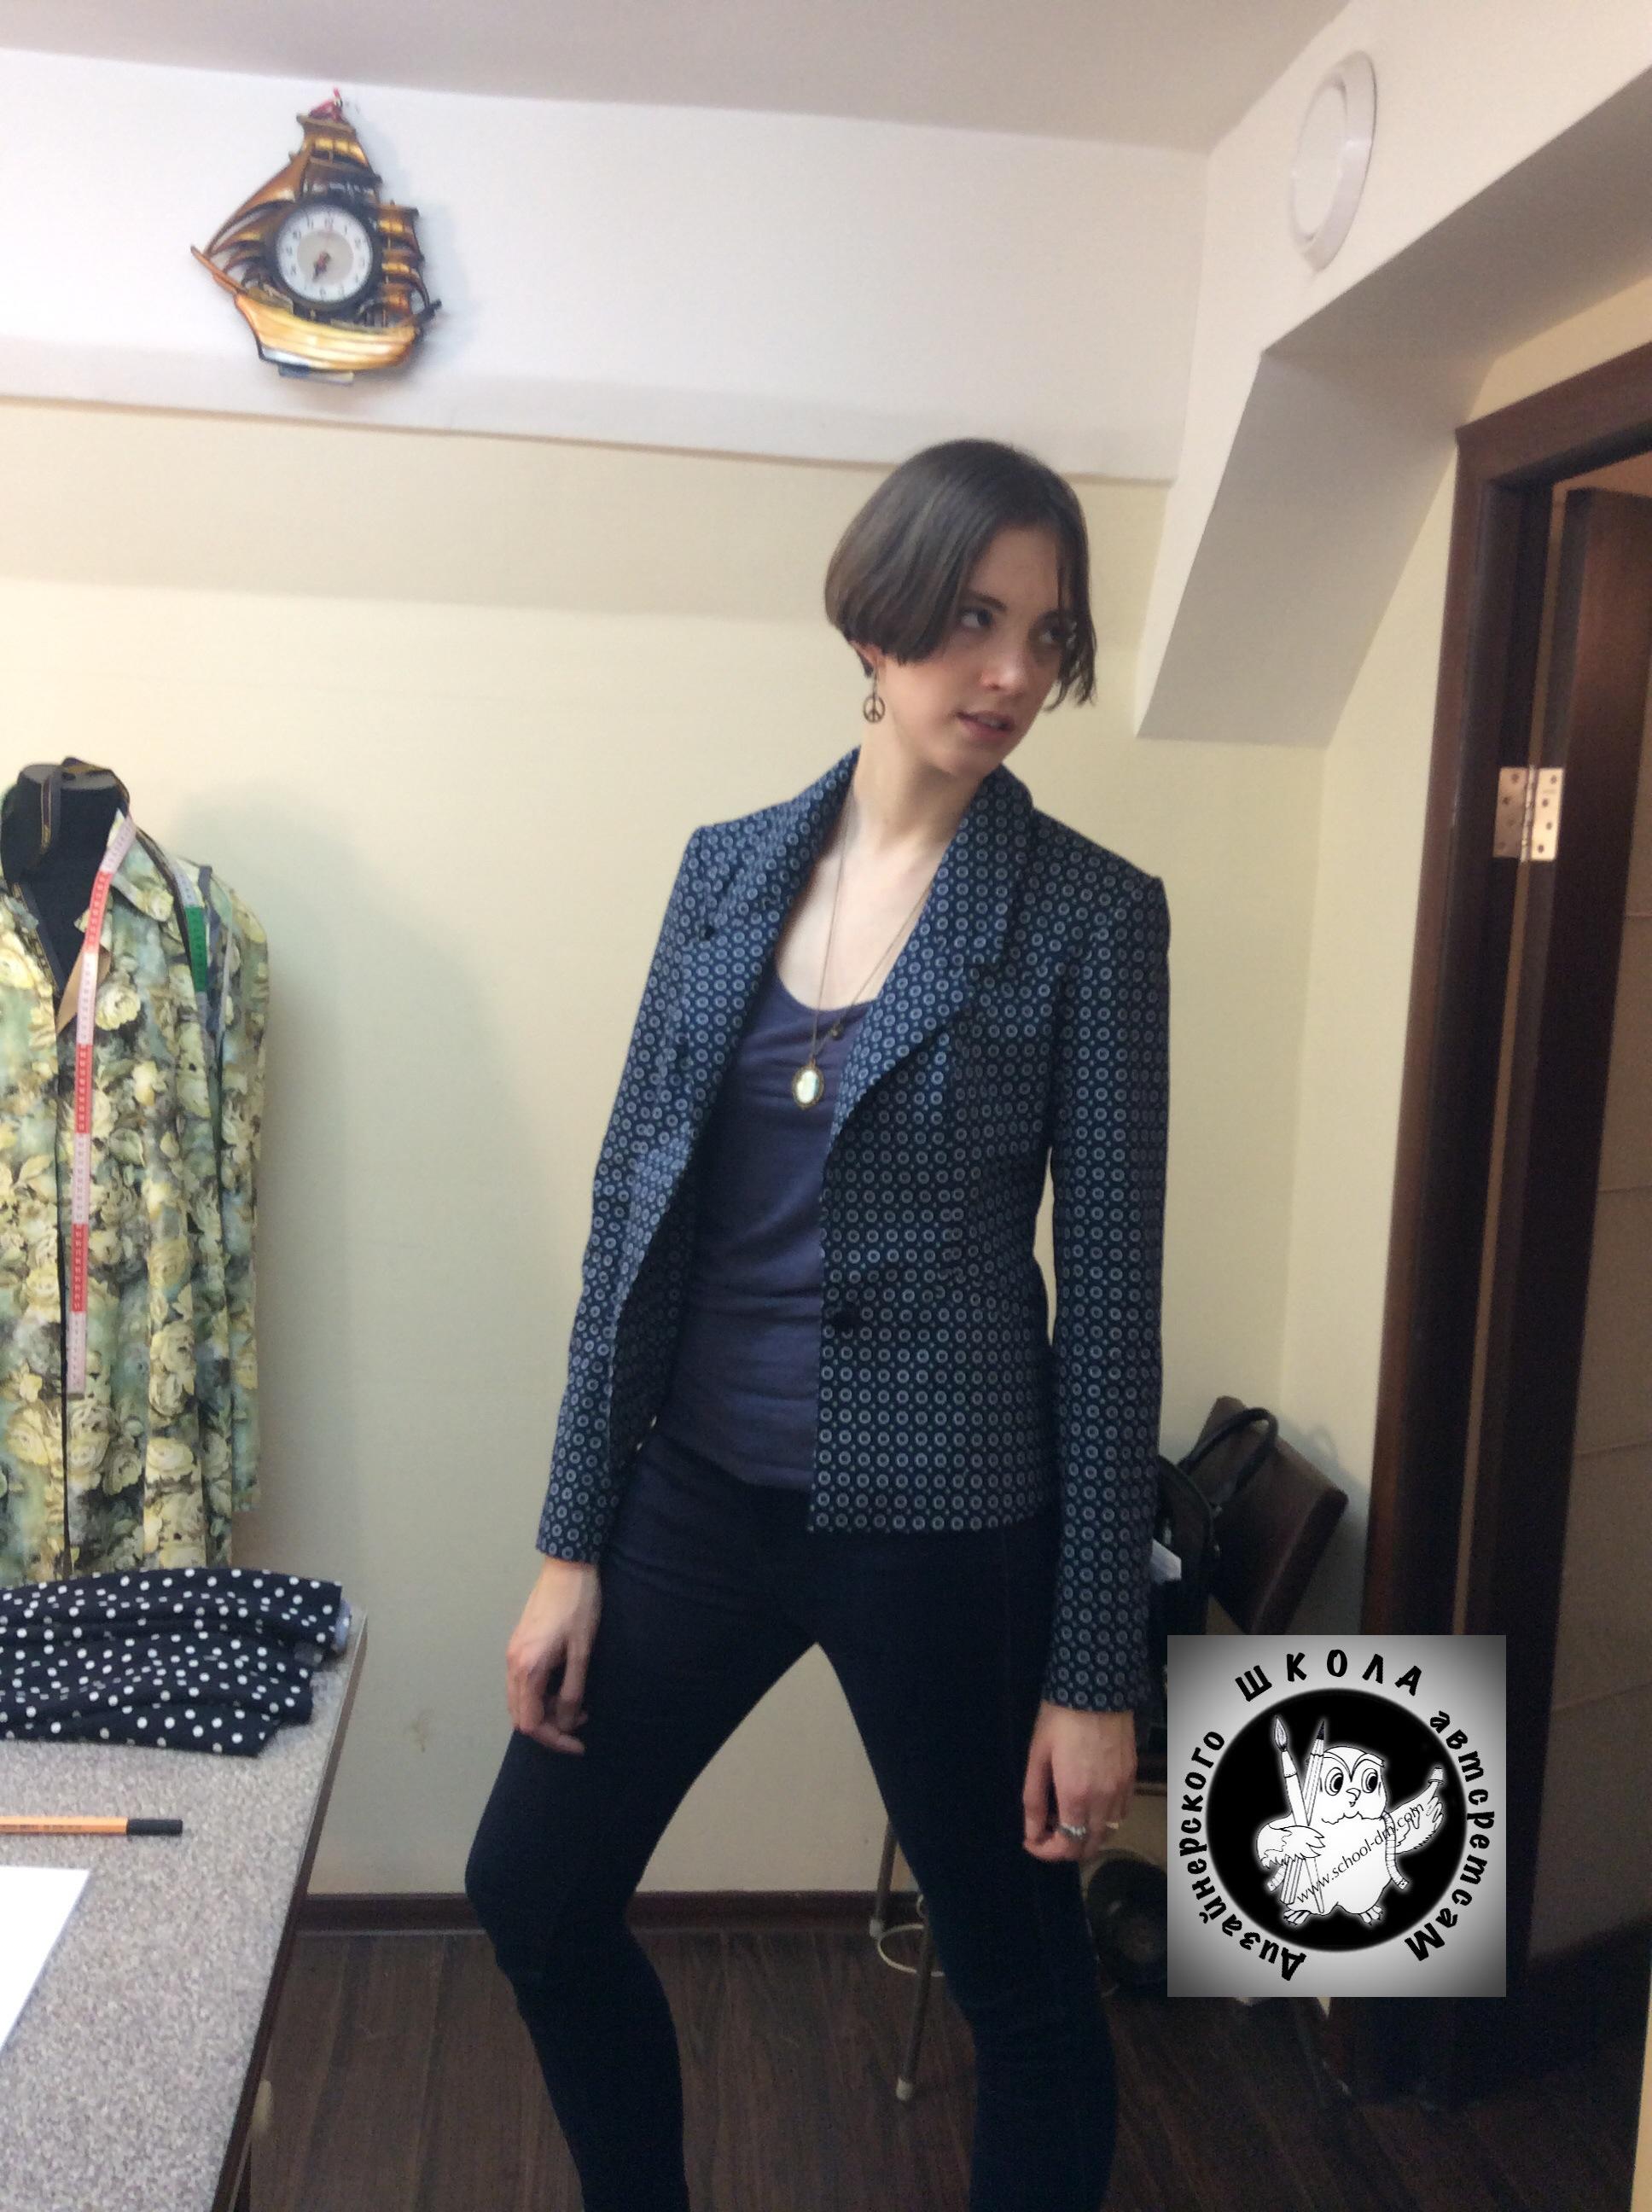 Шить жакет на курсах кройки и шитья Школа дизайнерского мастерства Елизаветы Добрицкой